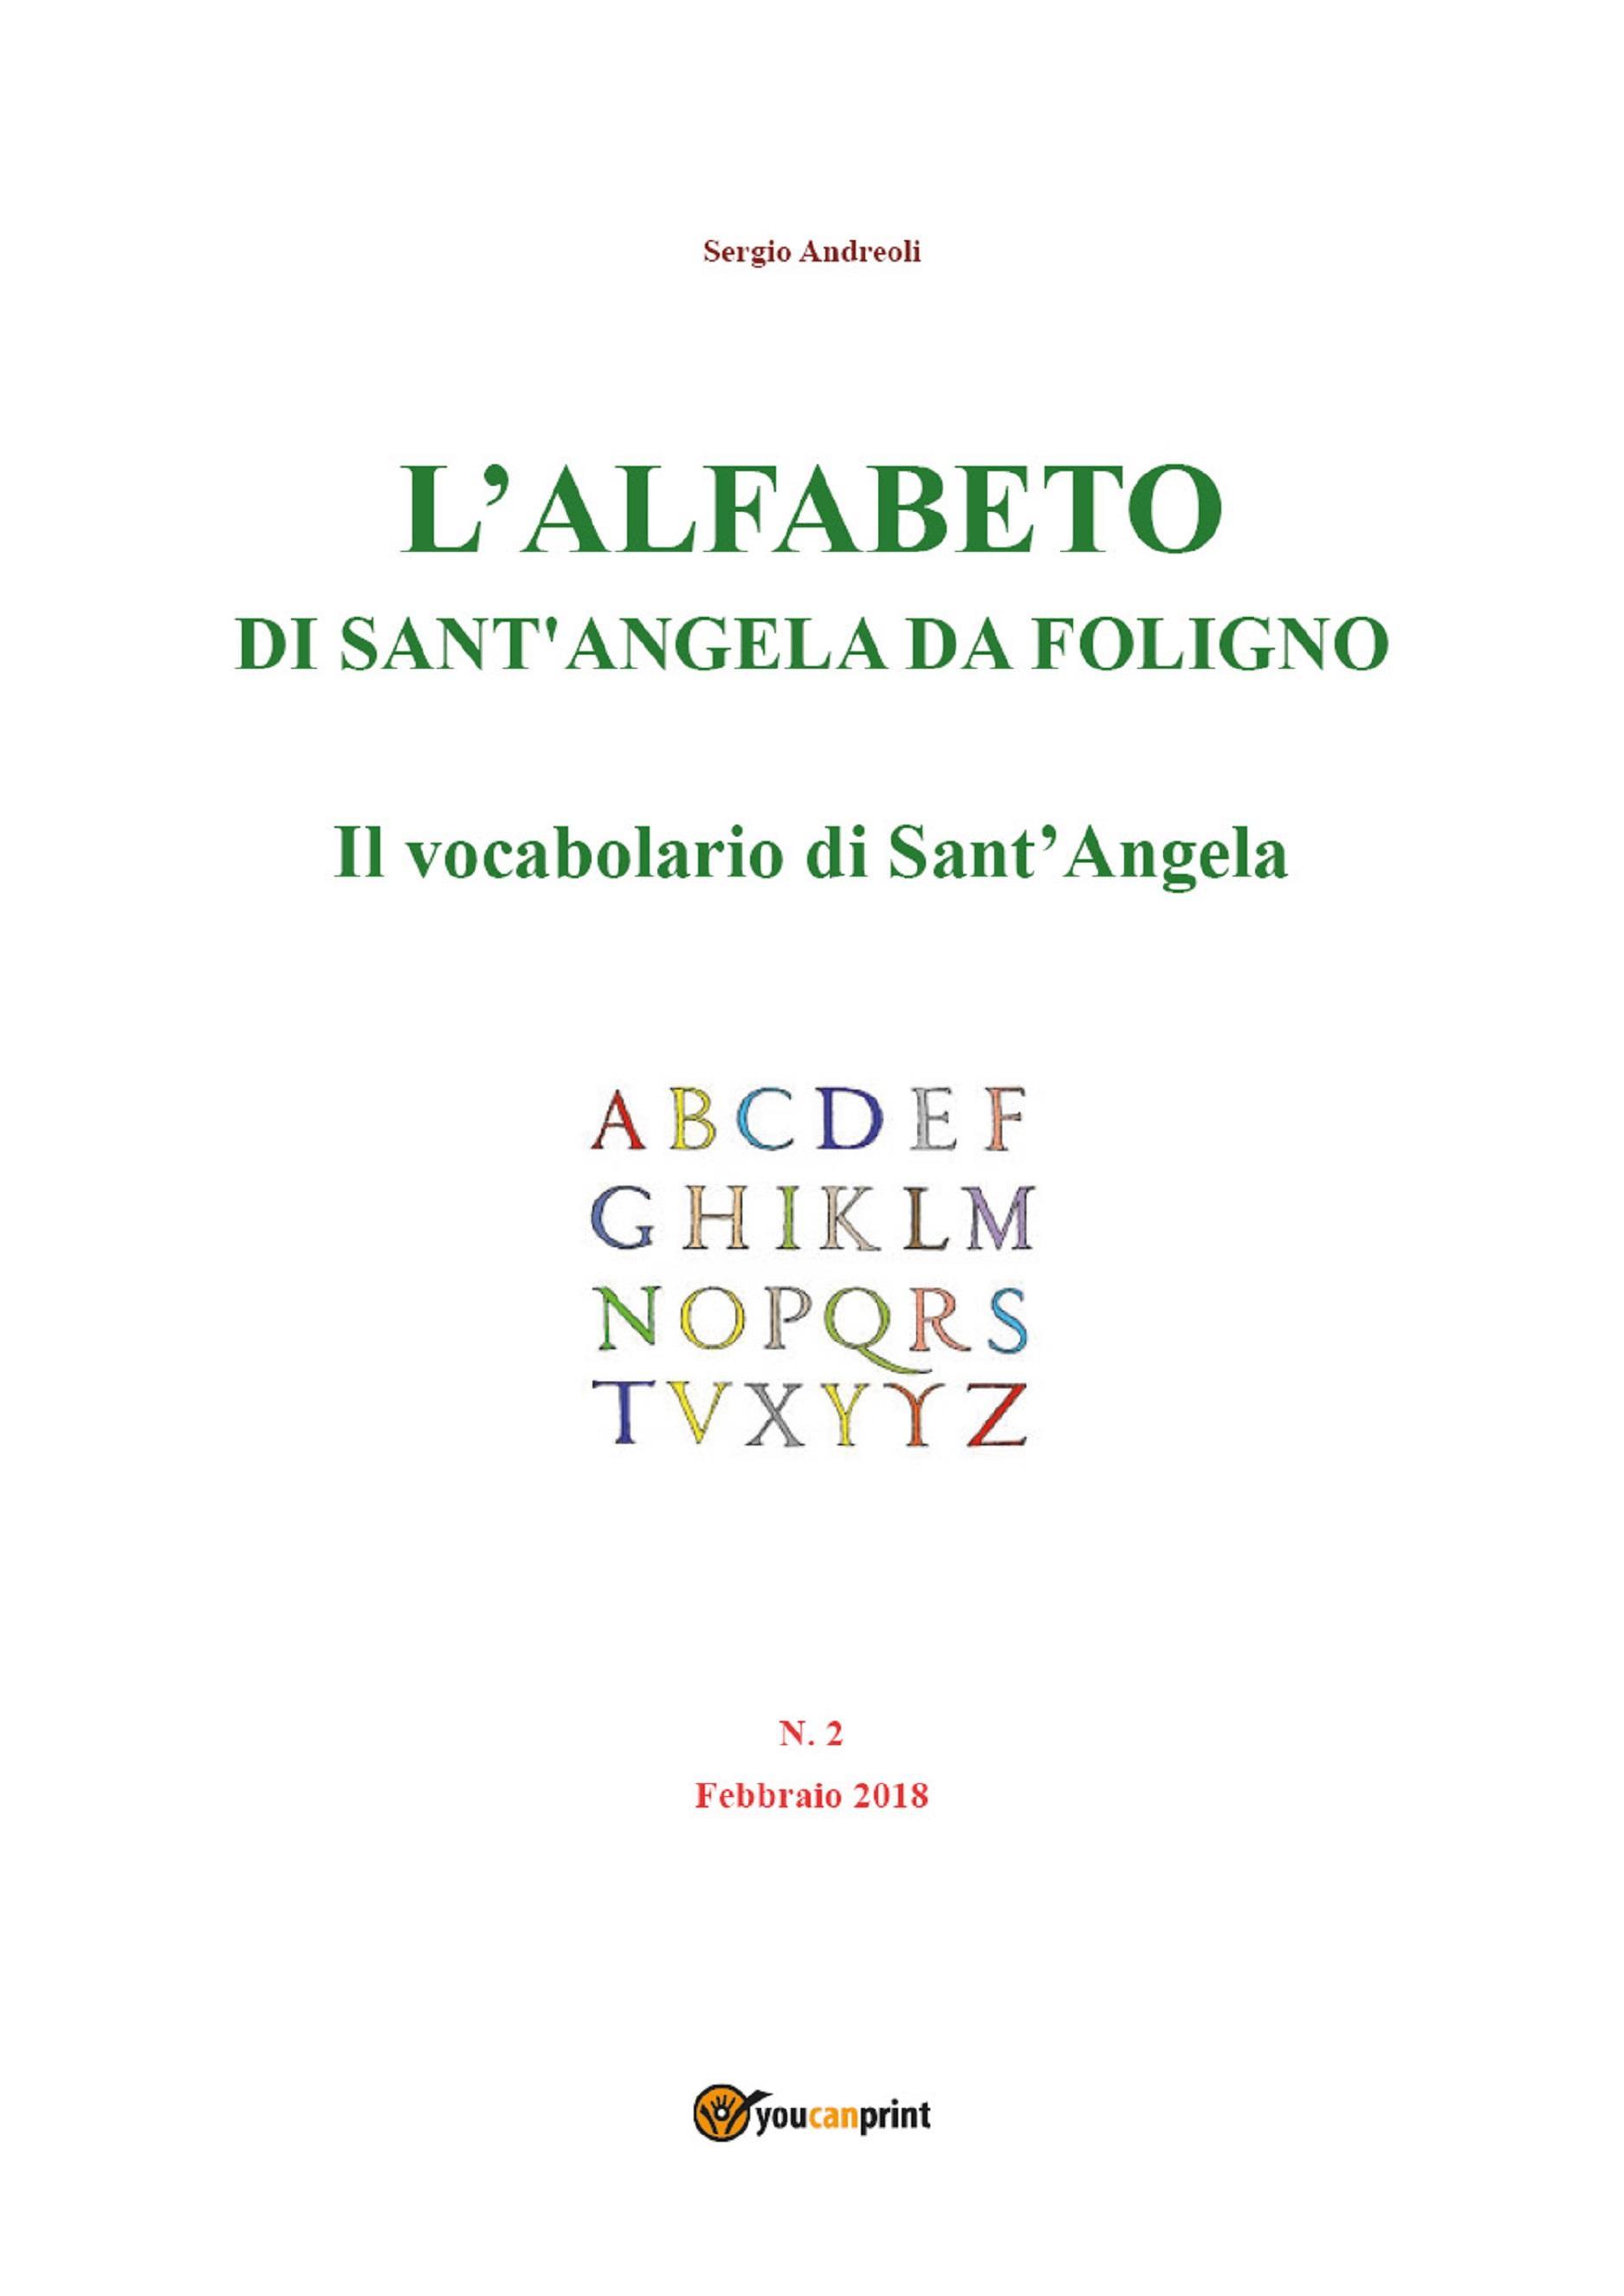 L'alfabeto di Sant'Angela da Foligno - Num. 2 - Il vocabolario di Sant'Angela